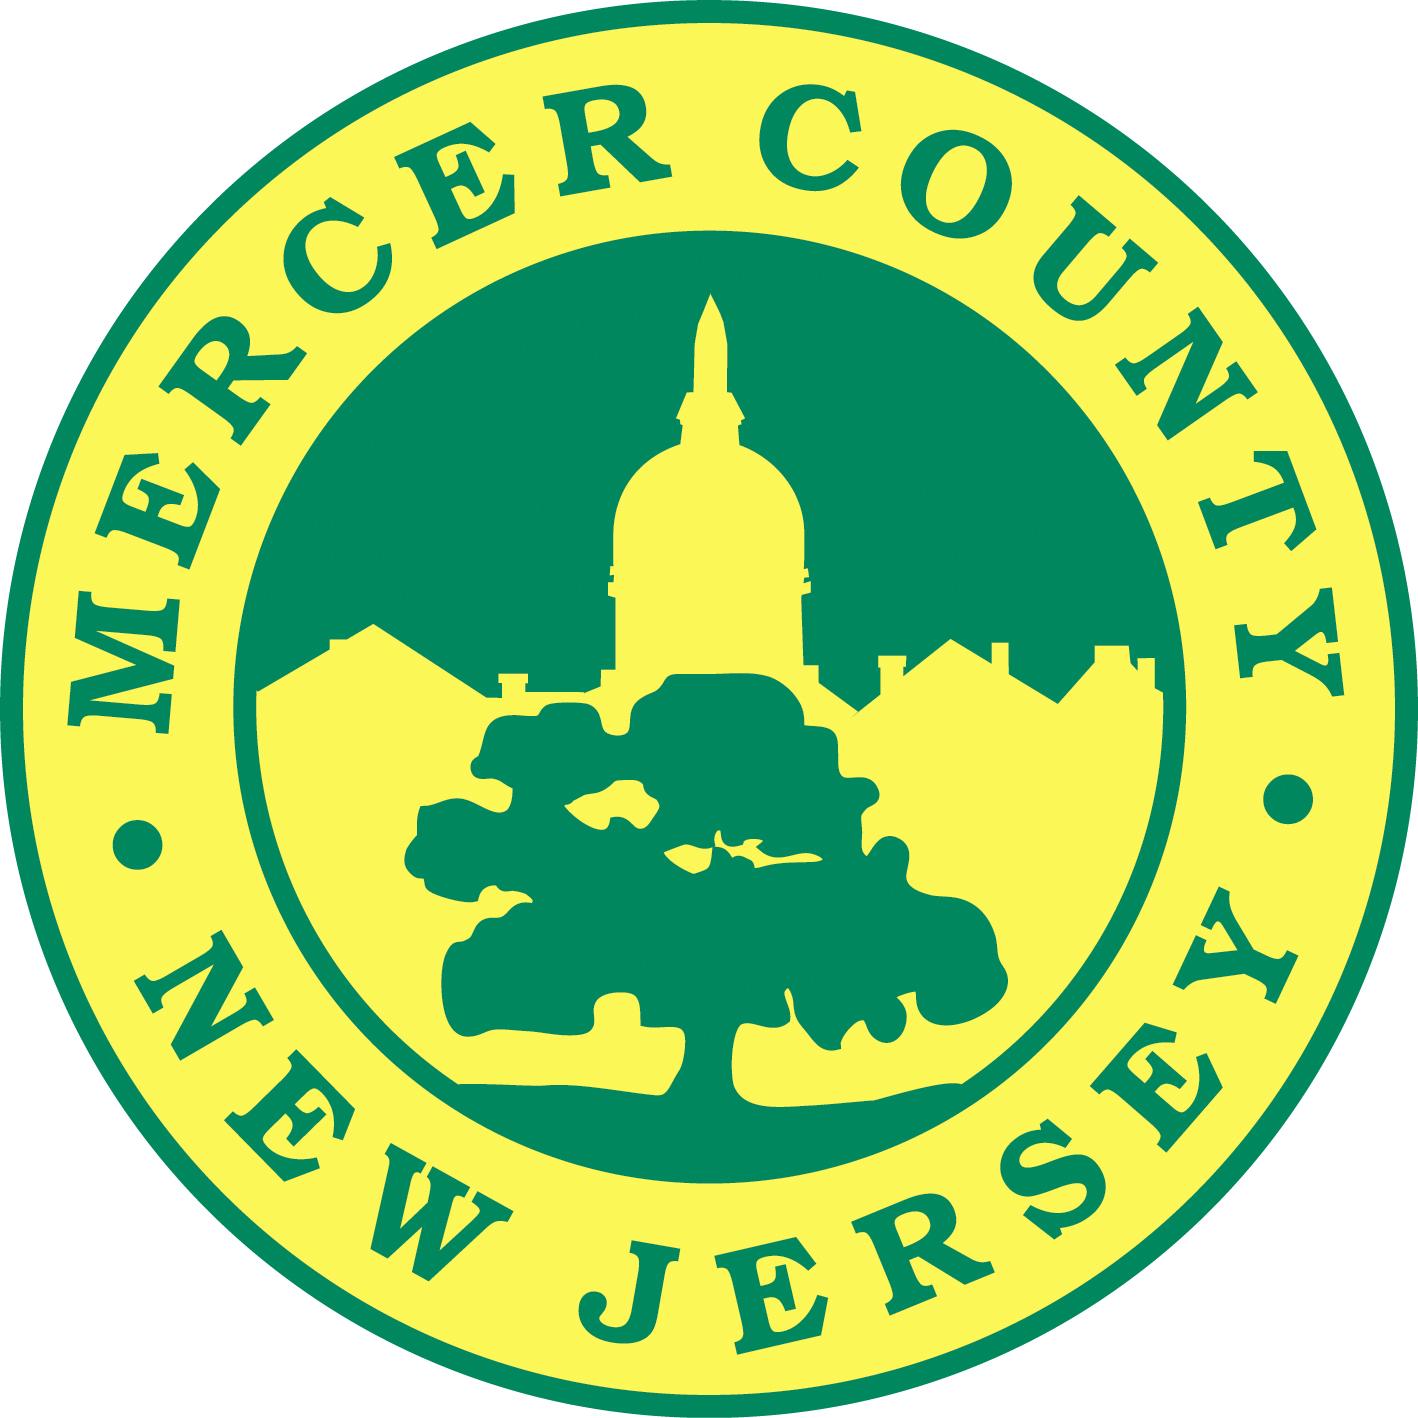 We Buy Houses in Mercer County NJ